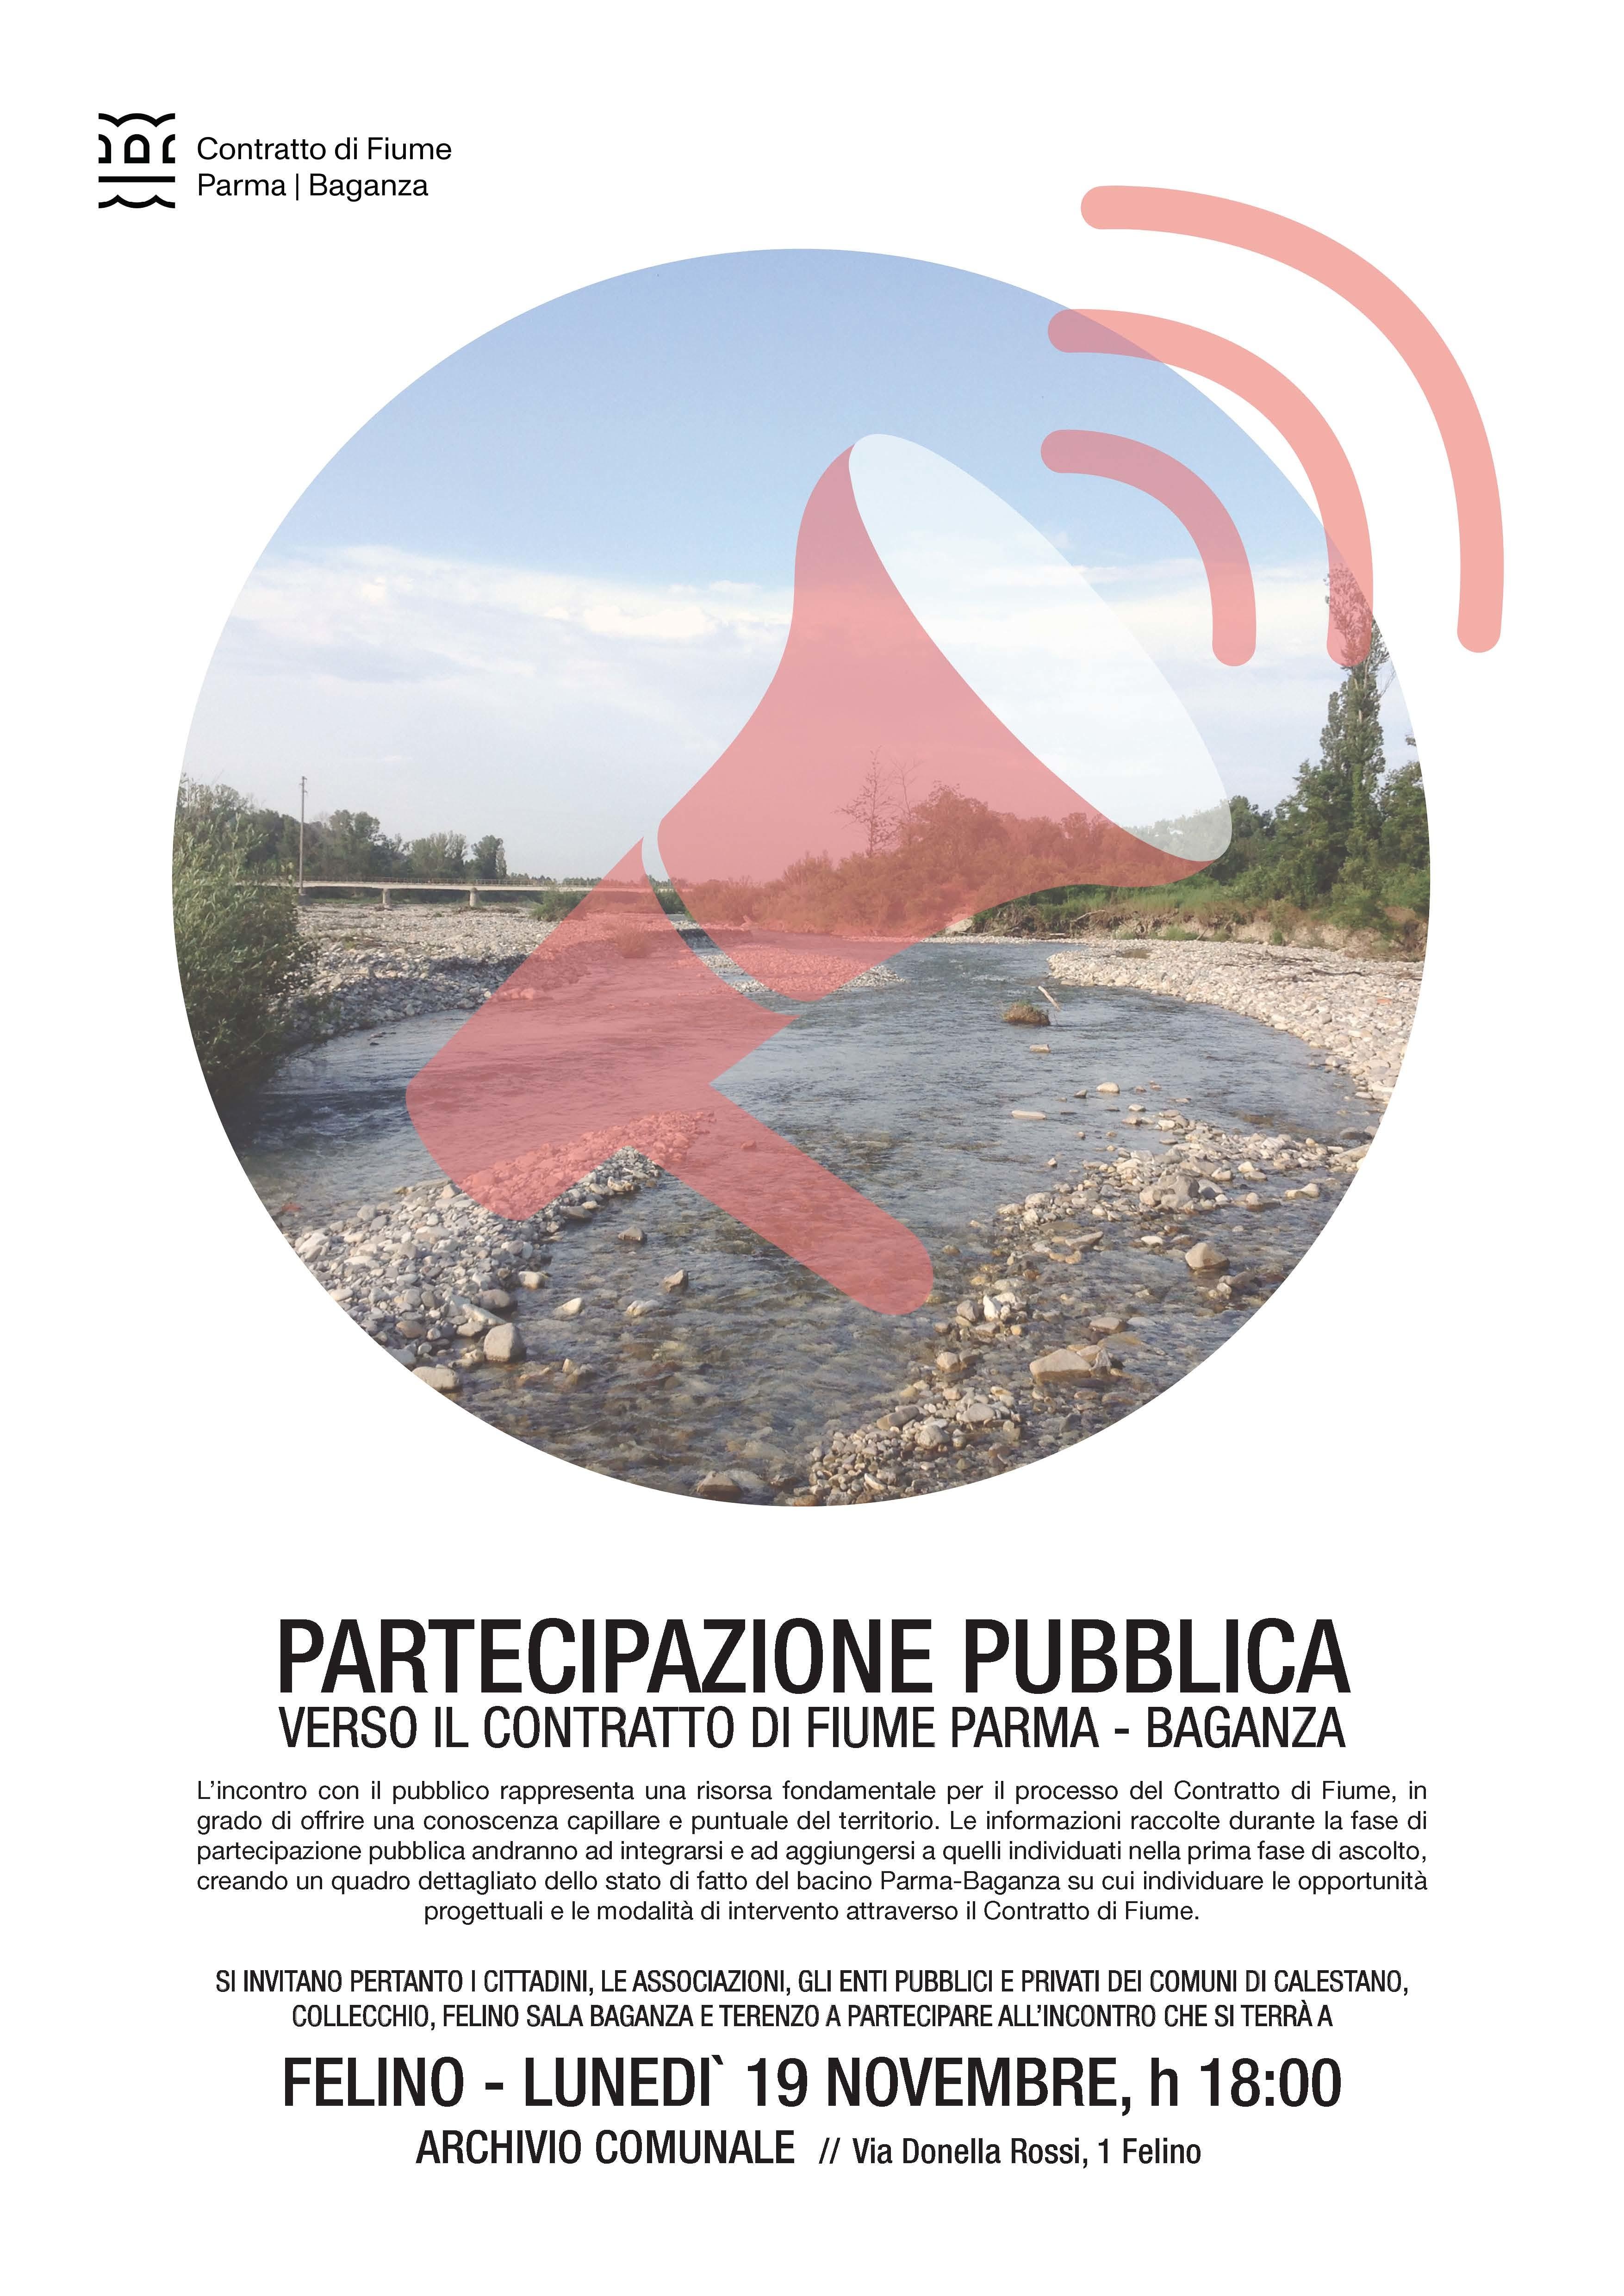 """""""Contratto di Fiume Parma Baganza"""", incontro pubblico"""